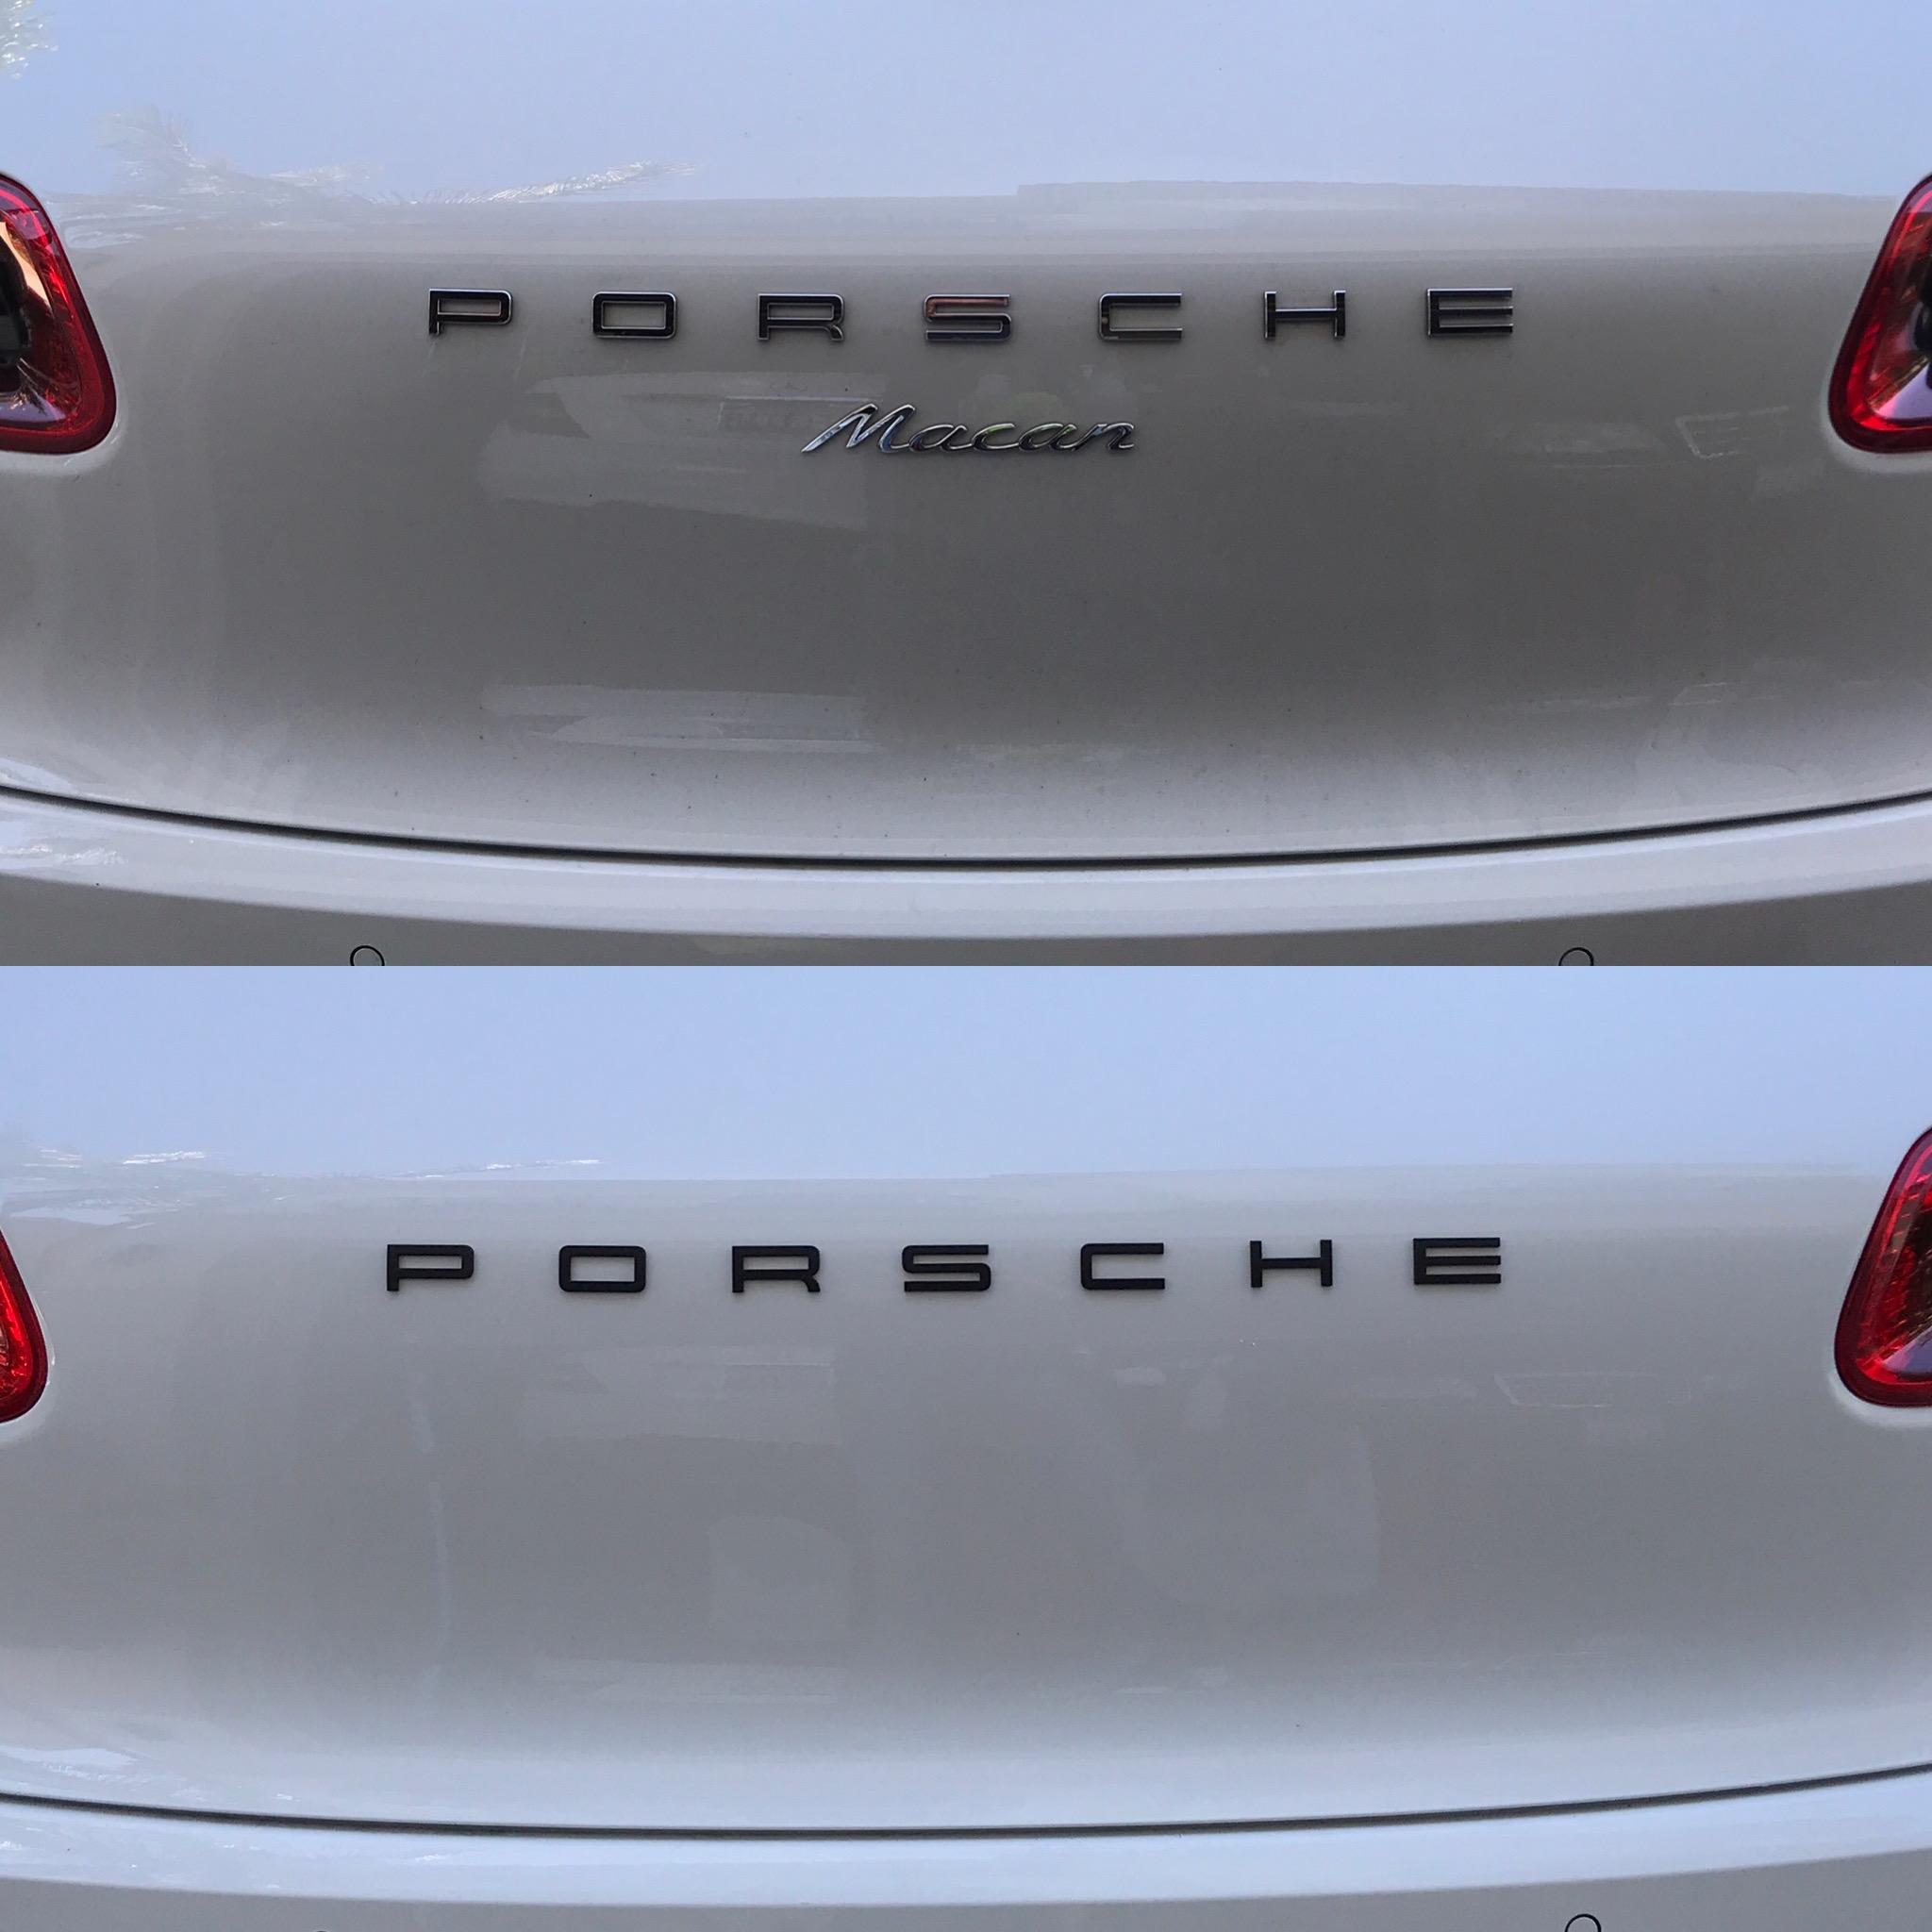 Porsche Macan emblem removal